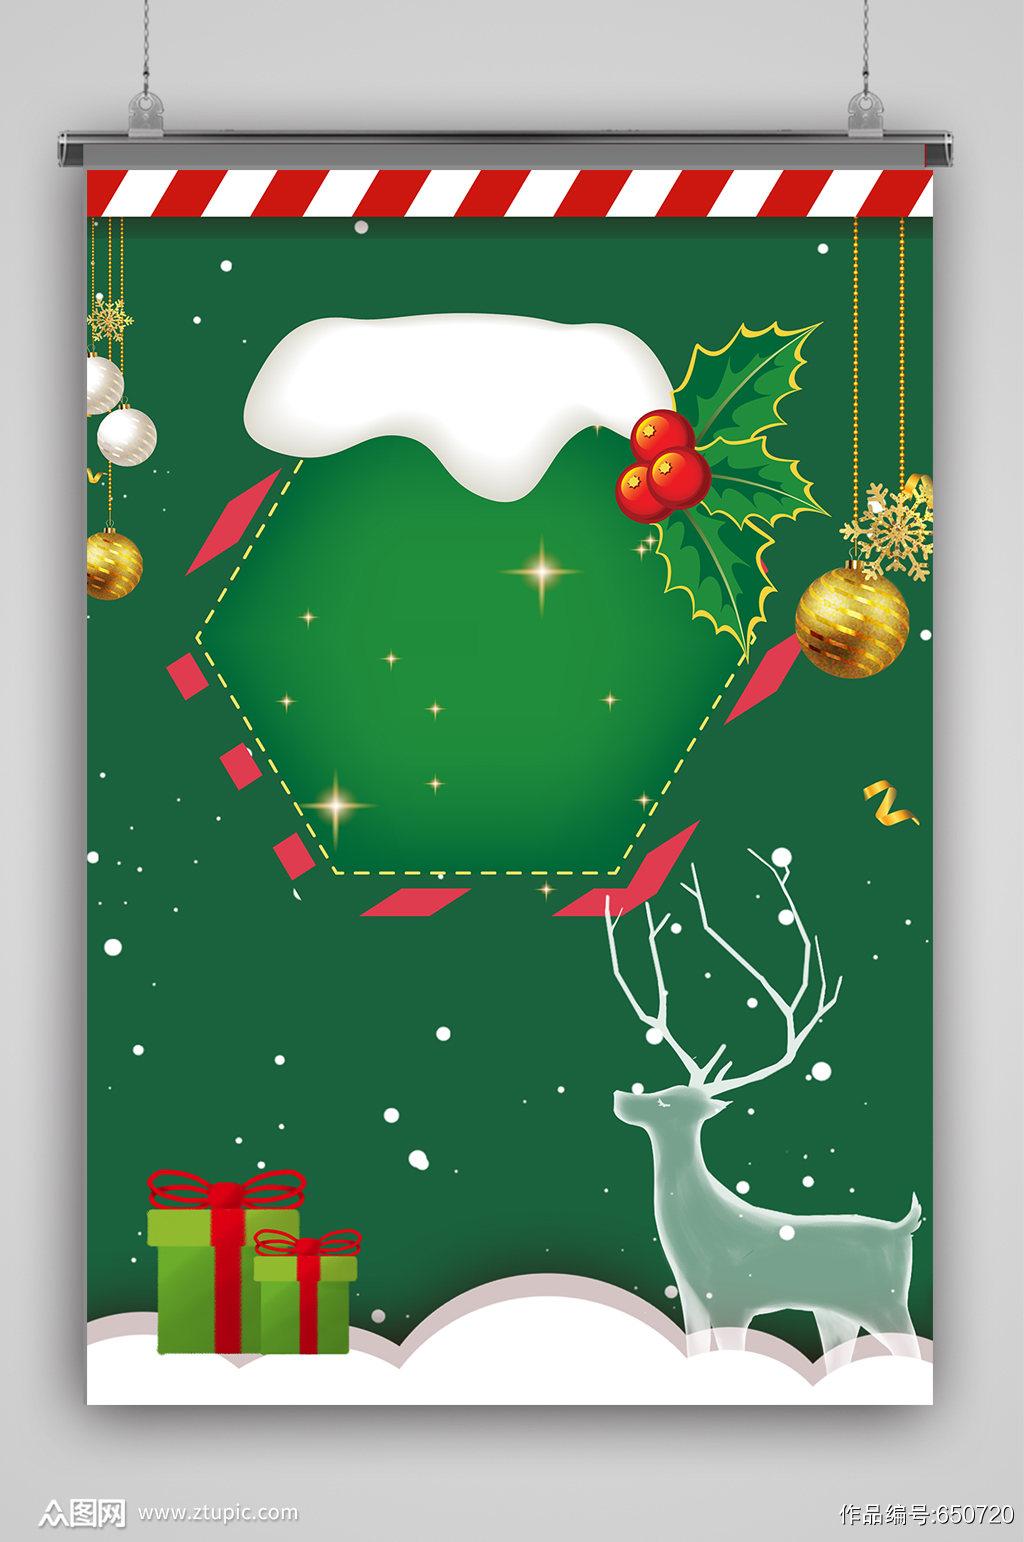 礼物卡通圣诞节海报背景素材